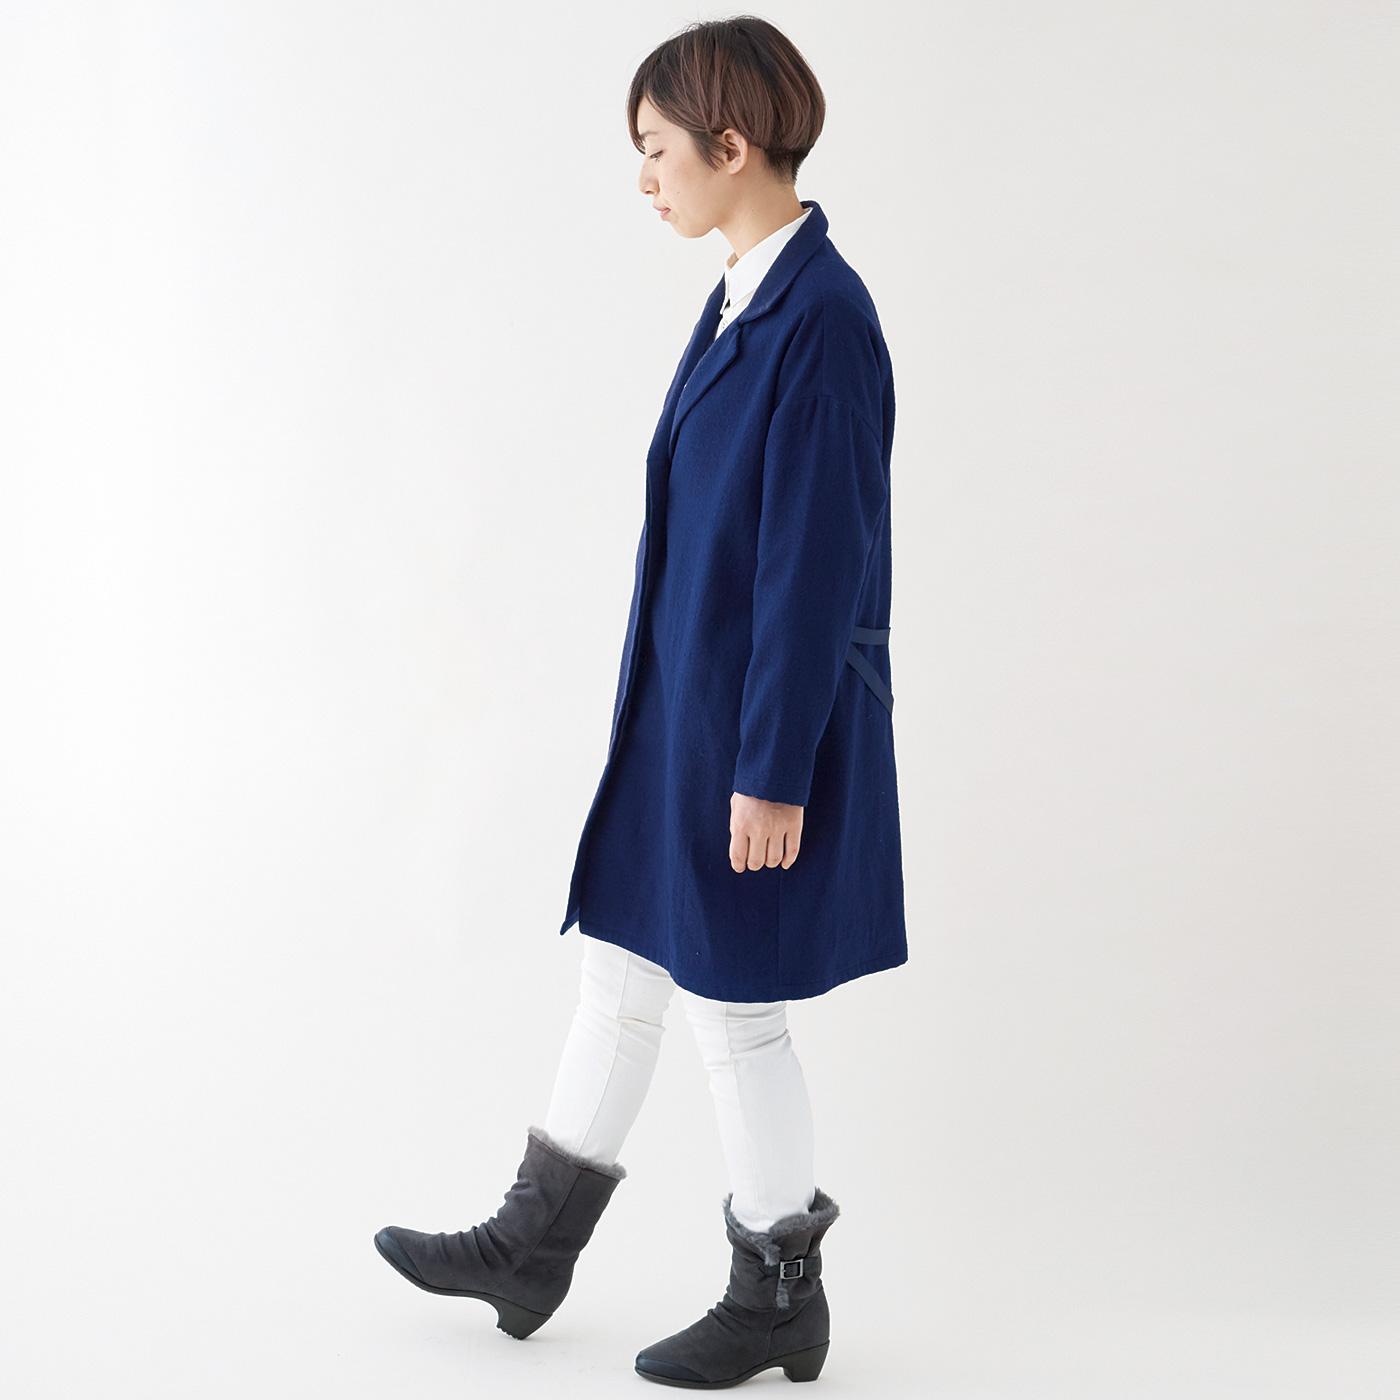 すらりムートンブーツ風 履き口から足首までのフェイクファーが足首を暖かく包み込みます。きれいめスタイルにも合うすっきりシルエット。